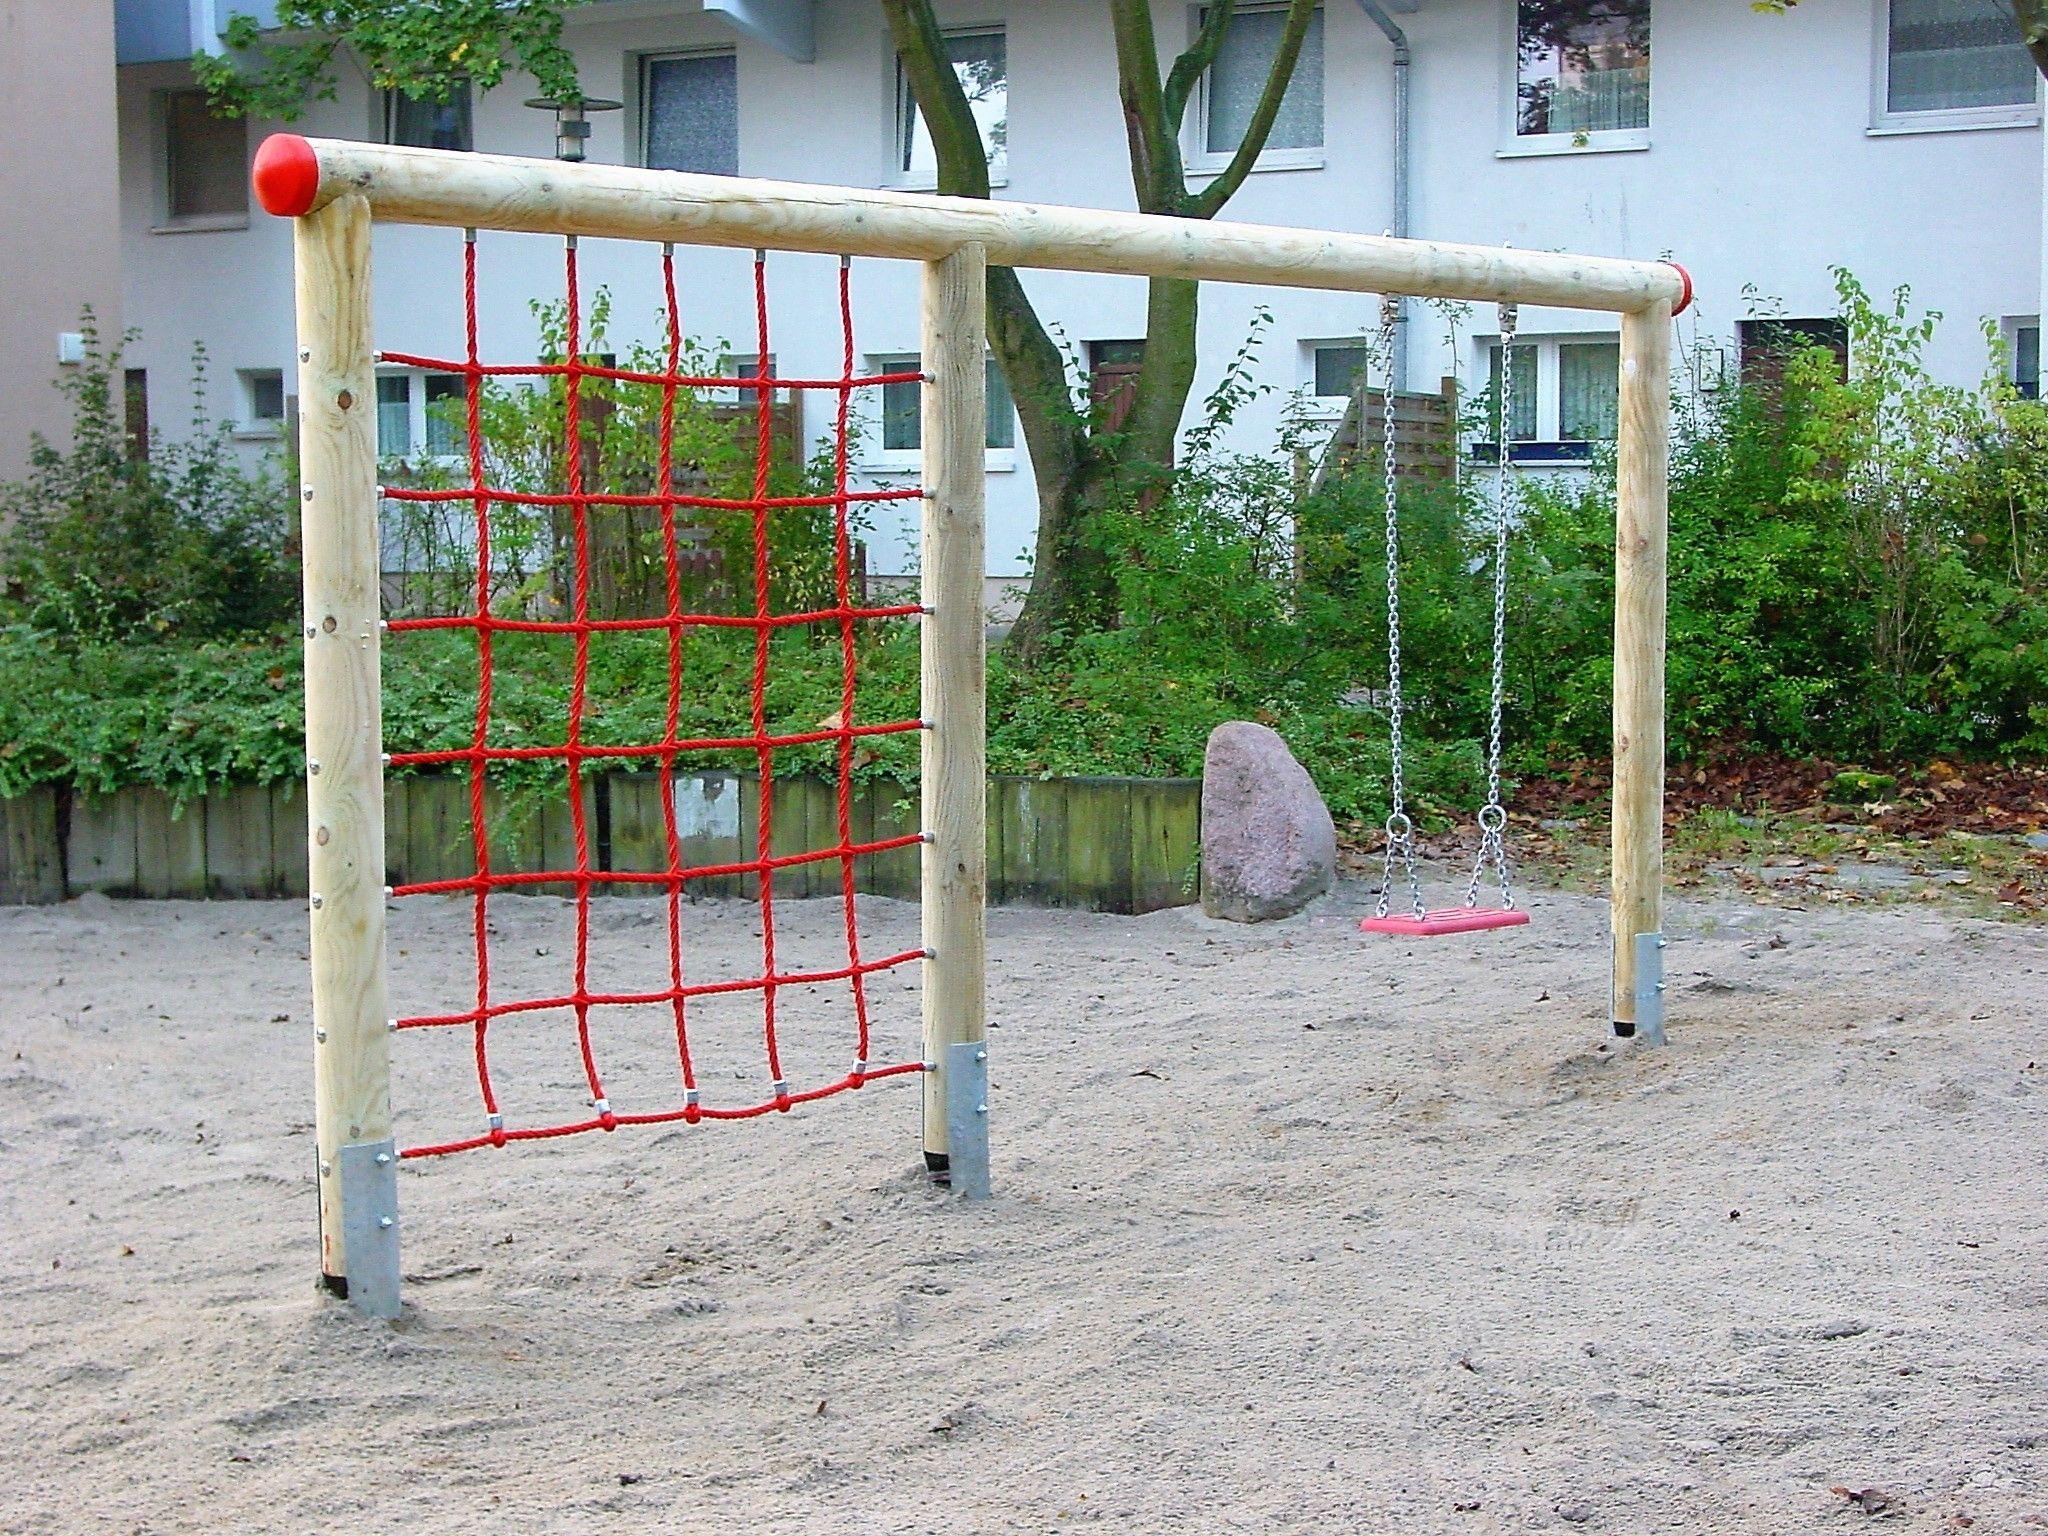 Holz-Schaukel mit Klettergerüst EN 1176 Spielgerät TÜV/GS ...